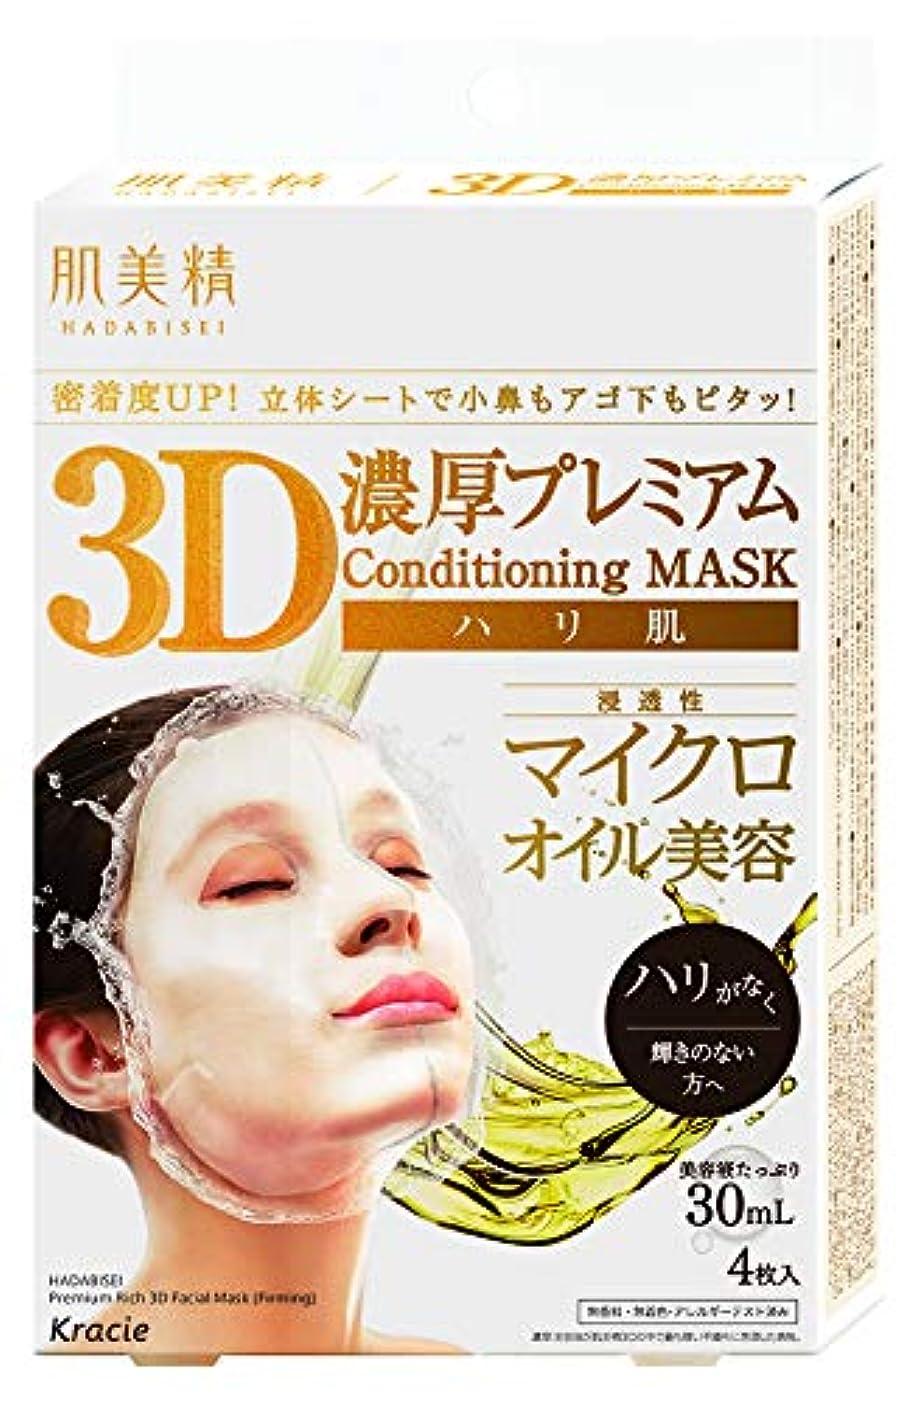 続ける推進、動かす炎上肌美精 3D濃厚プレミアムマスク(ハリ肌)4枚